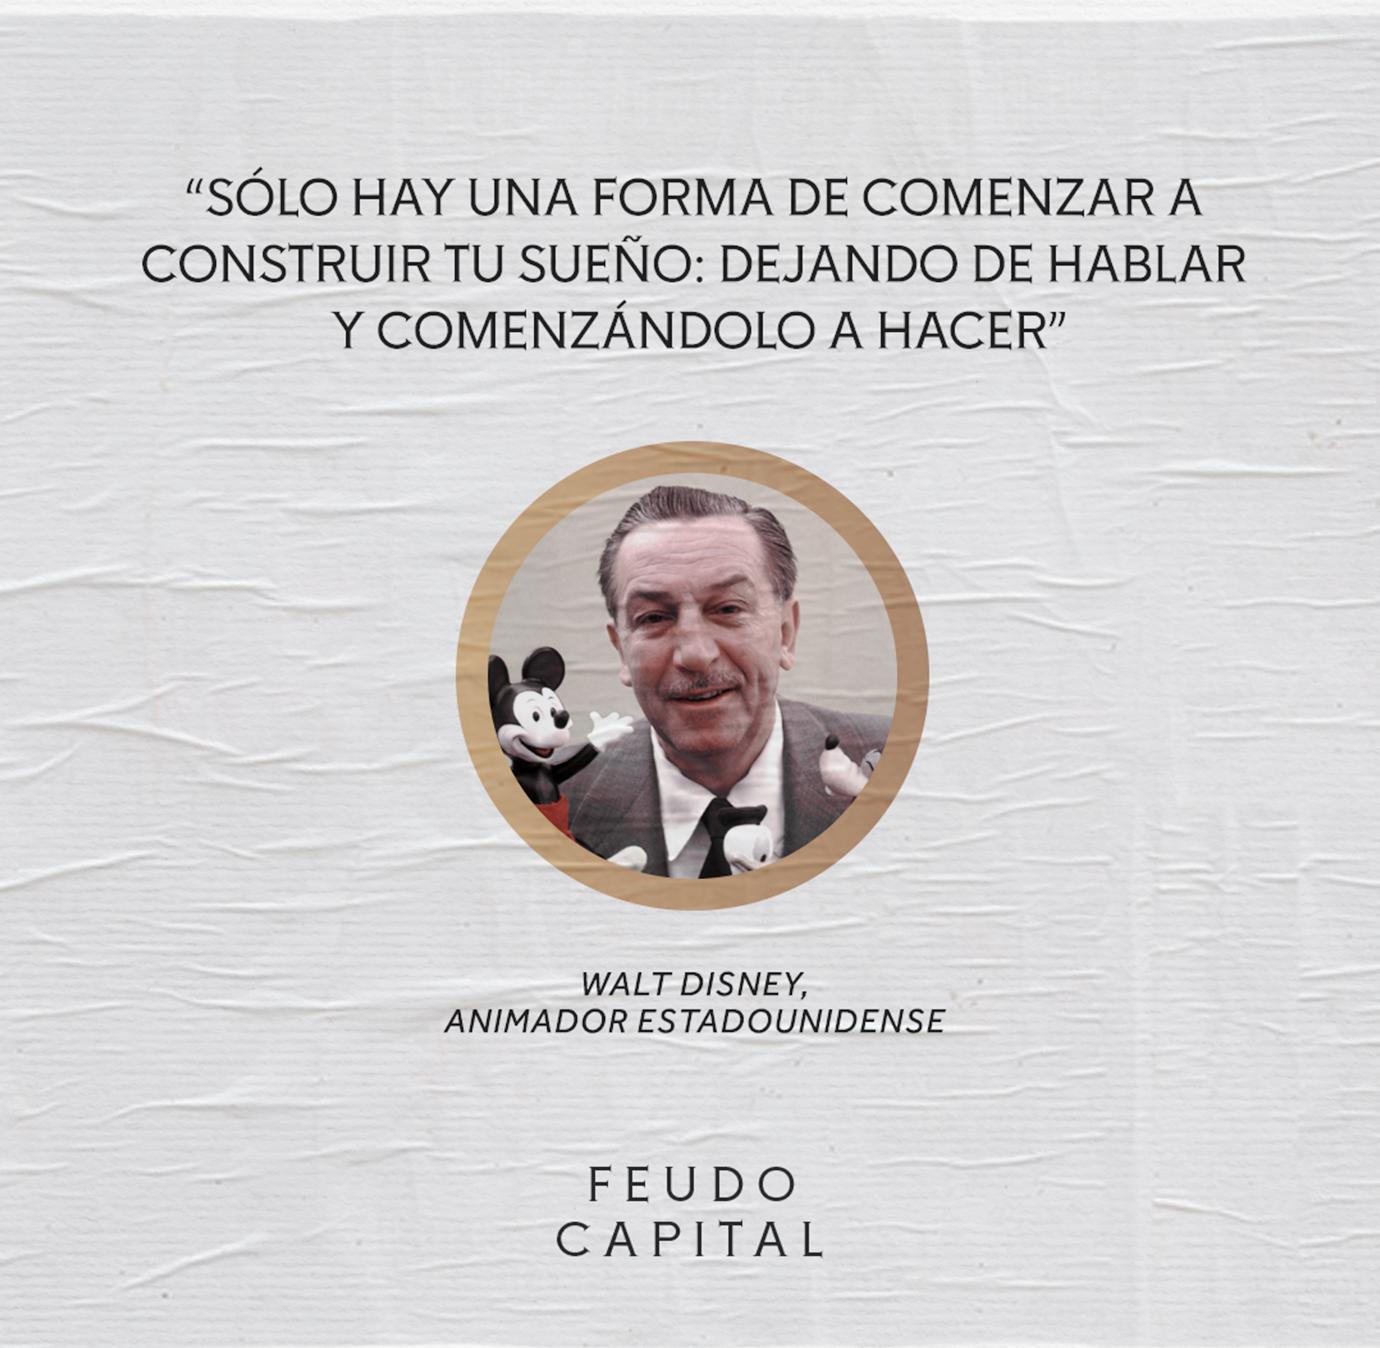 fb08-feudo-capital-yoenpaperland